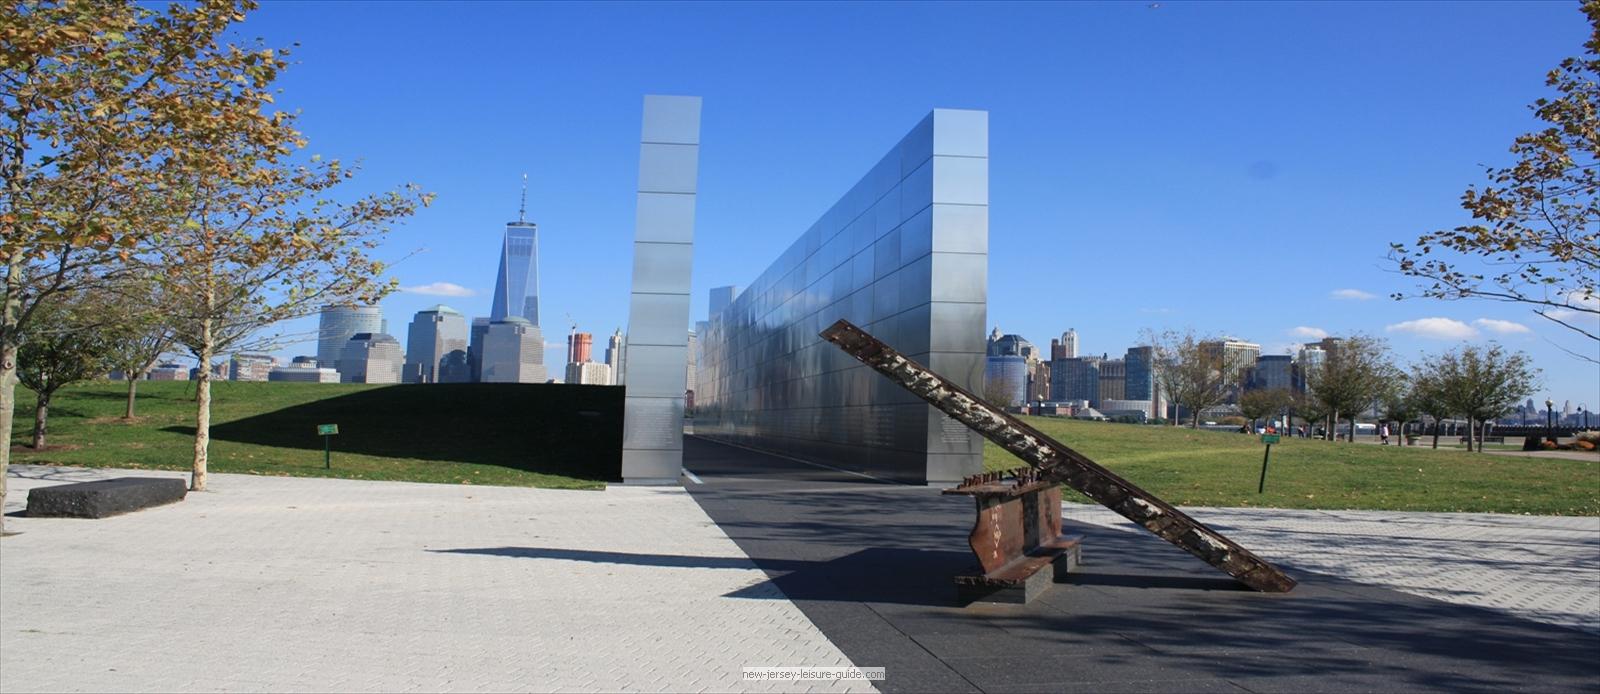 Liberty State Park - 9/11 Memorial